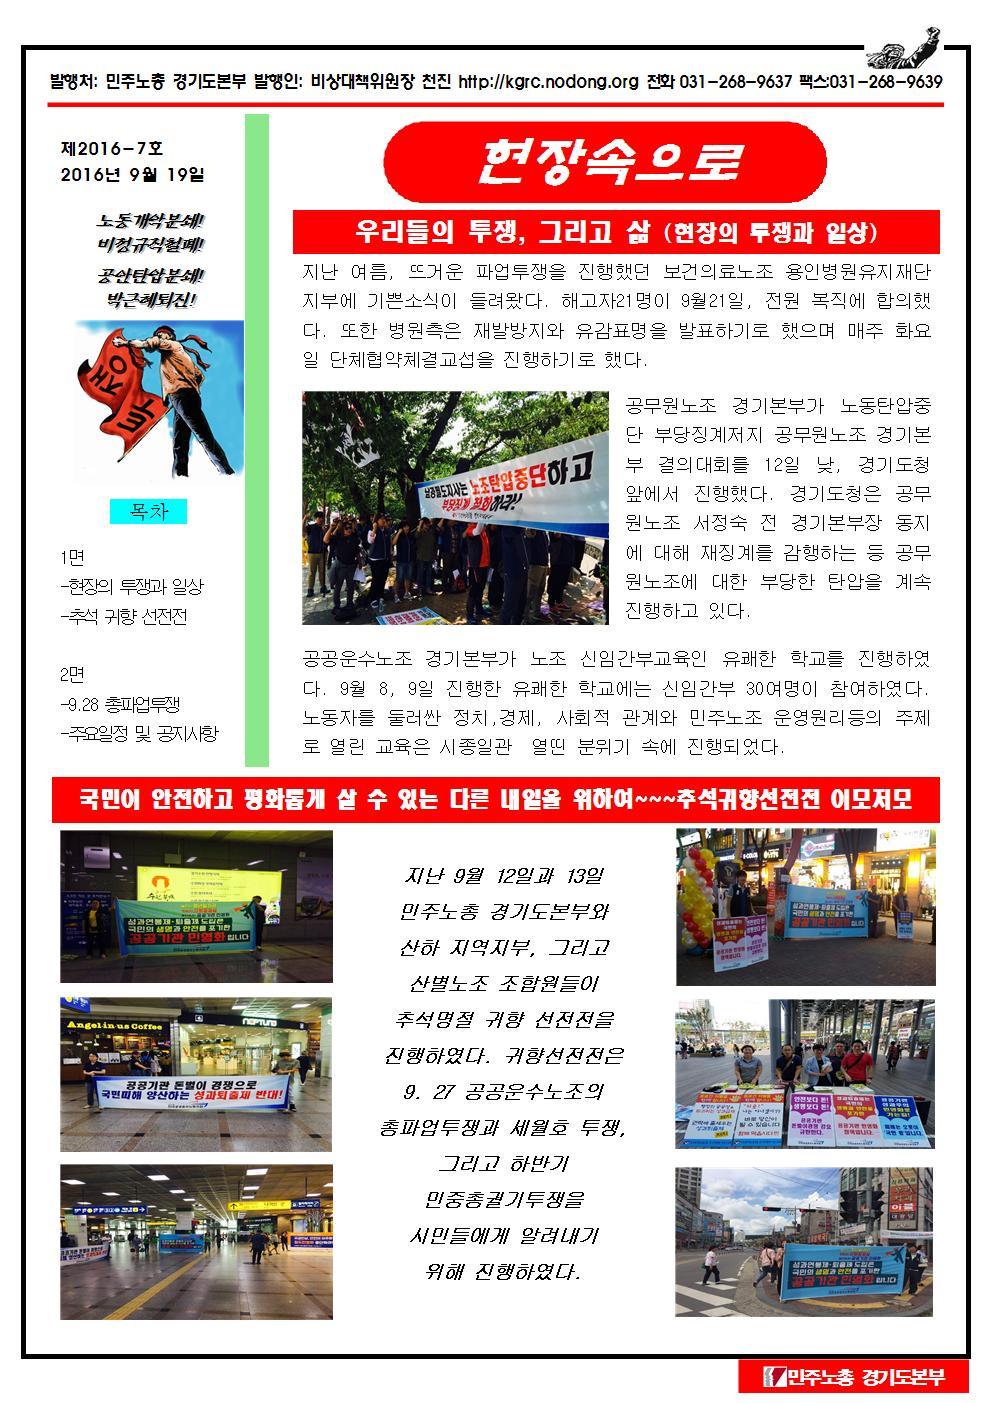 본부주간소식지2016-7호001.jpg